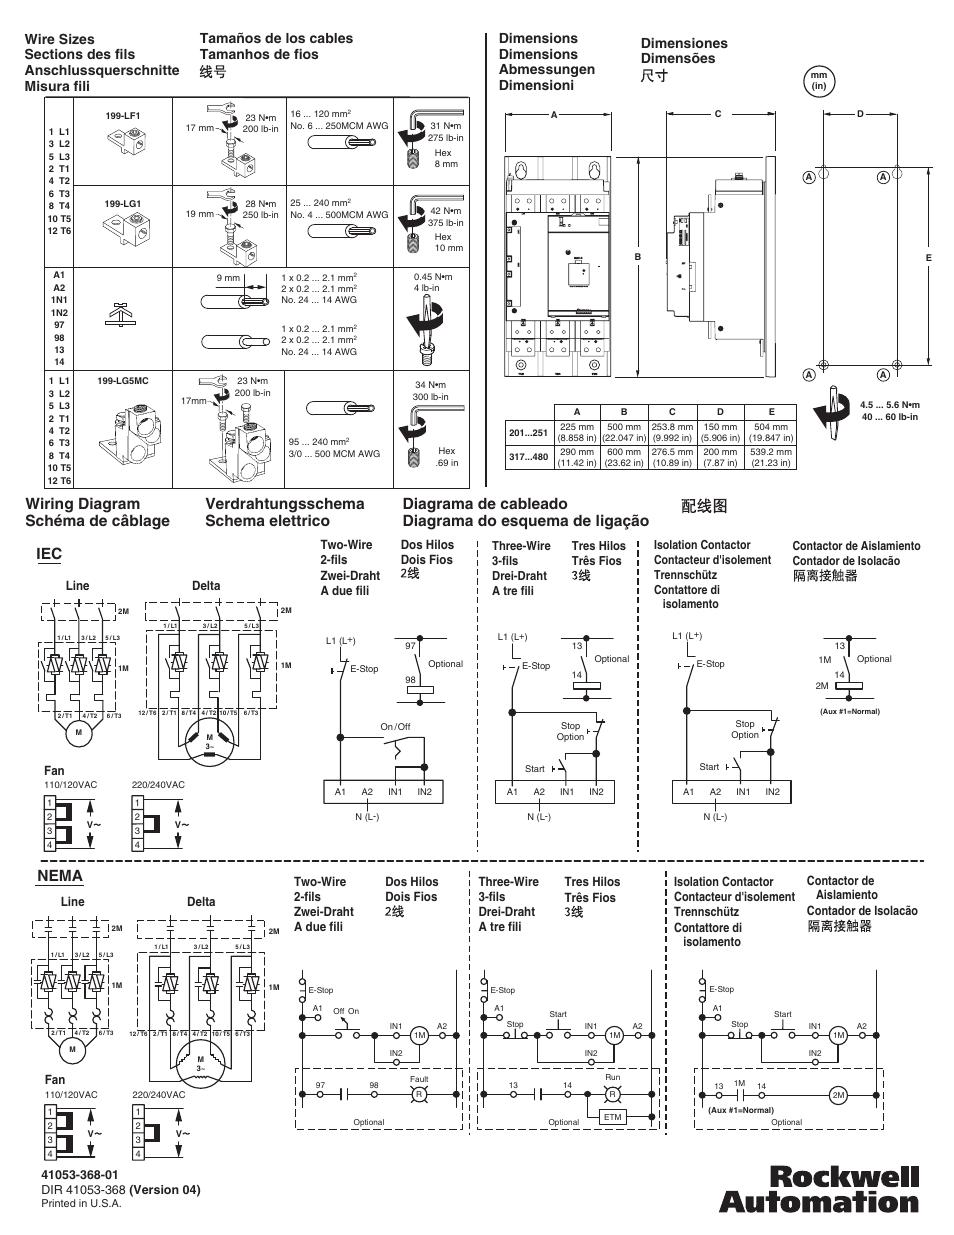 soft starter wiring diagram pontiac g6 radio schéma de câblage iec, nema, verdrahtungsschema schema elettrico | rockwell ...